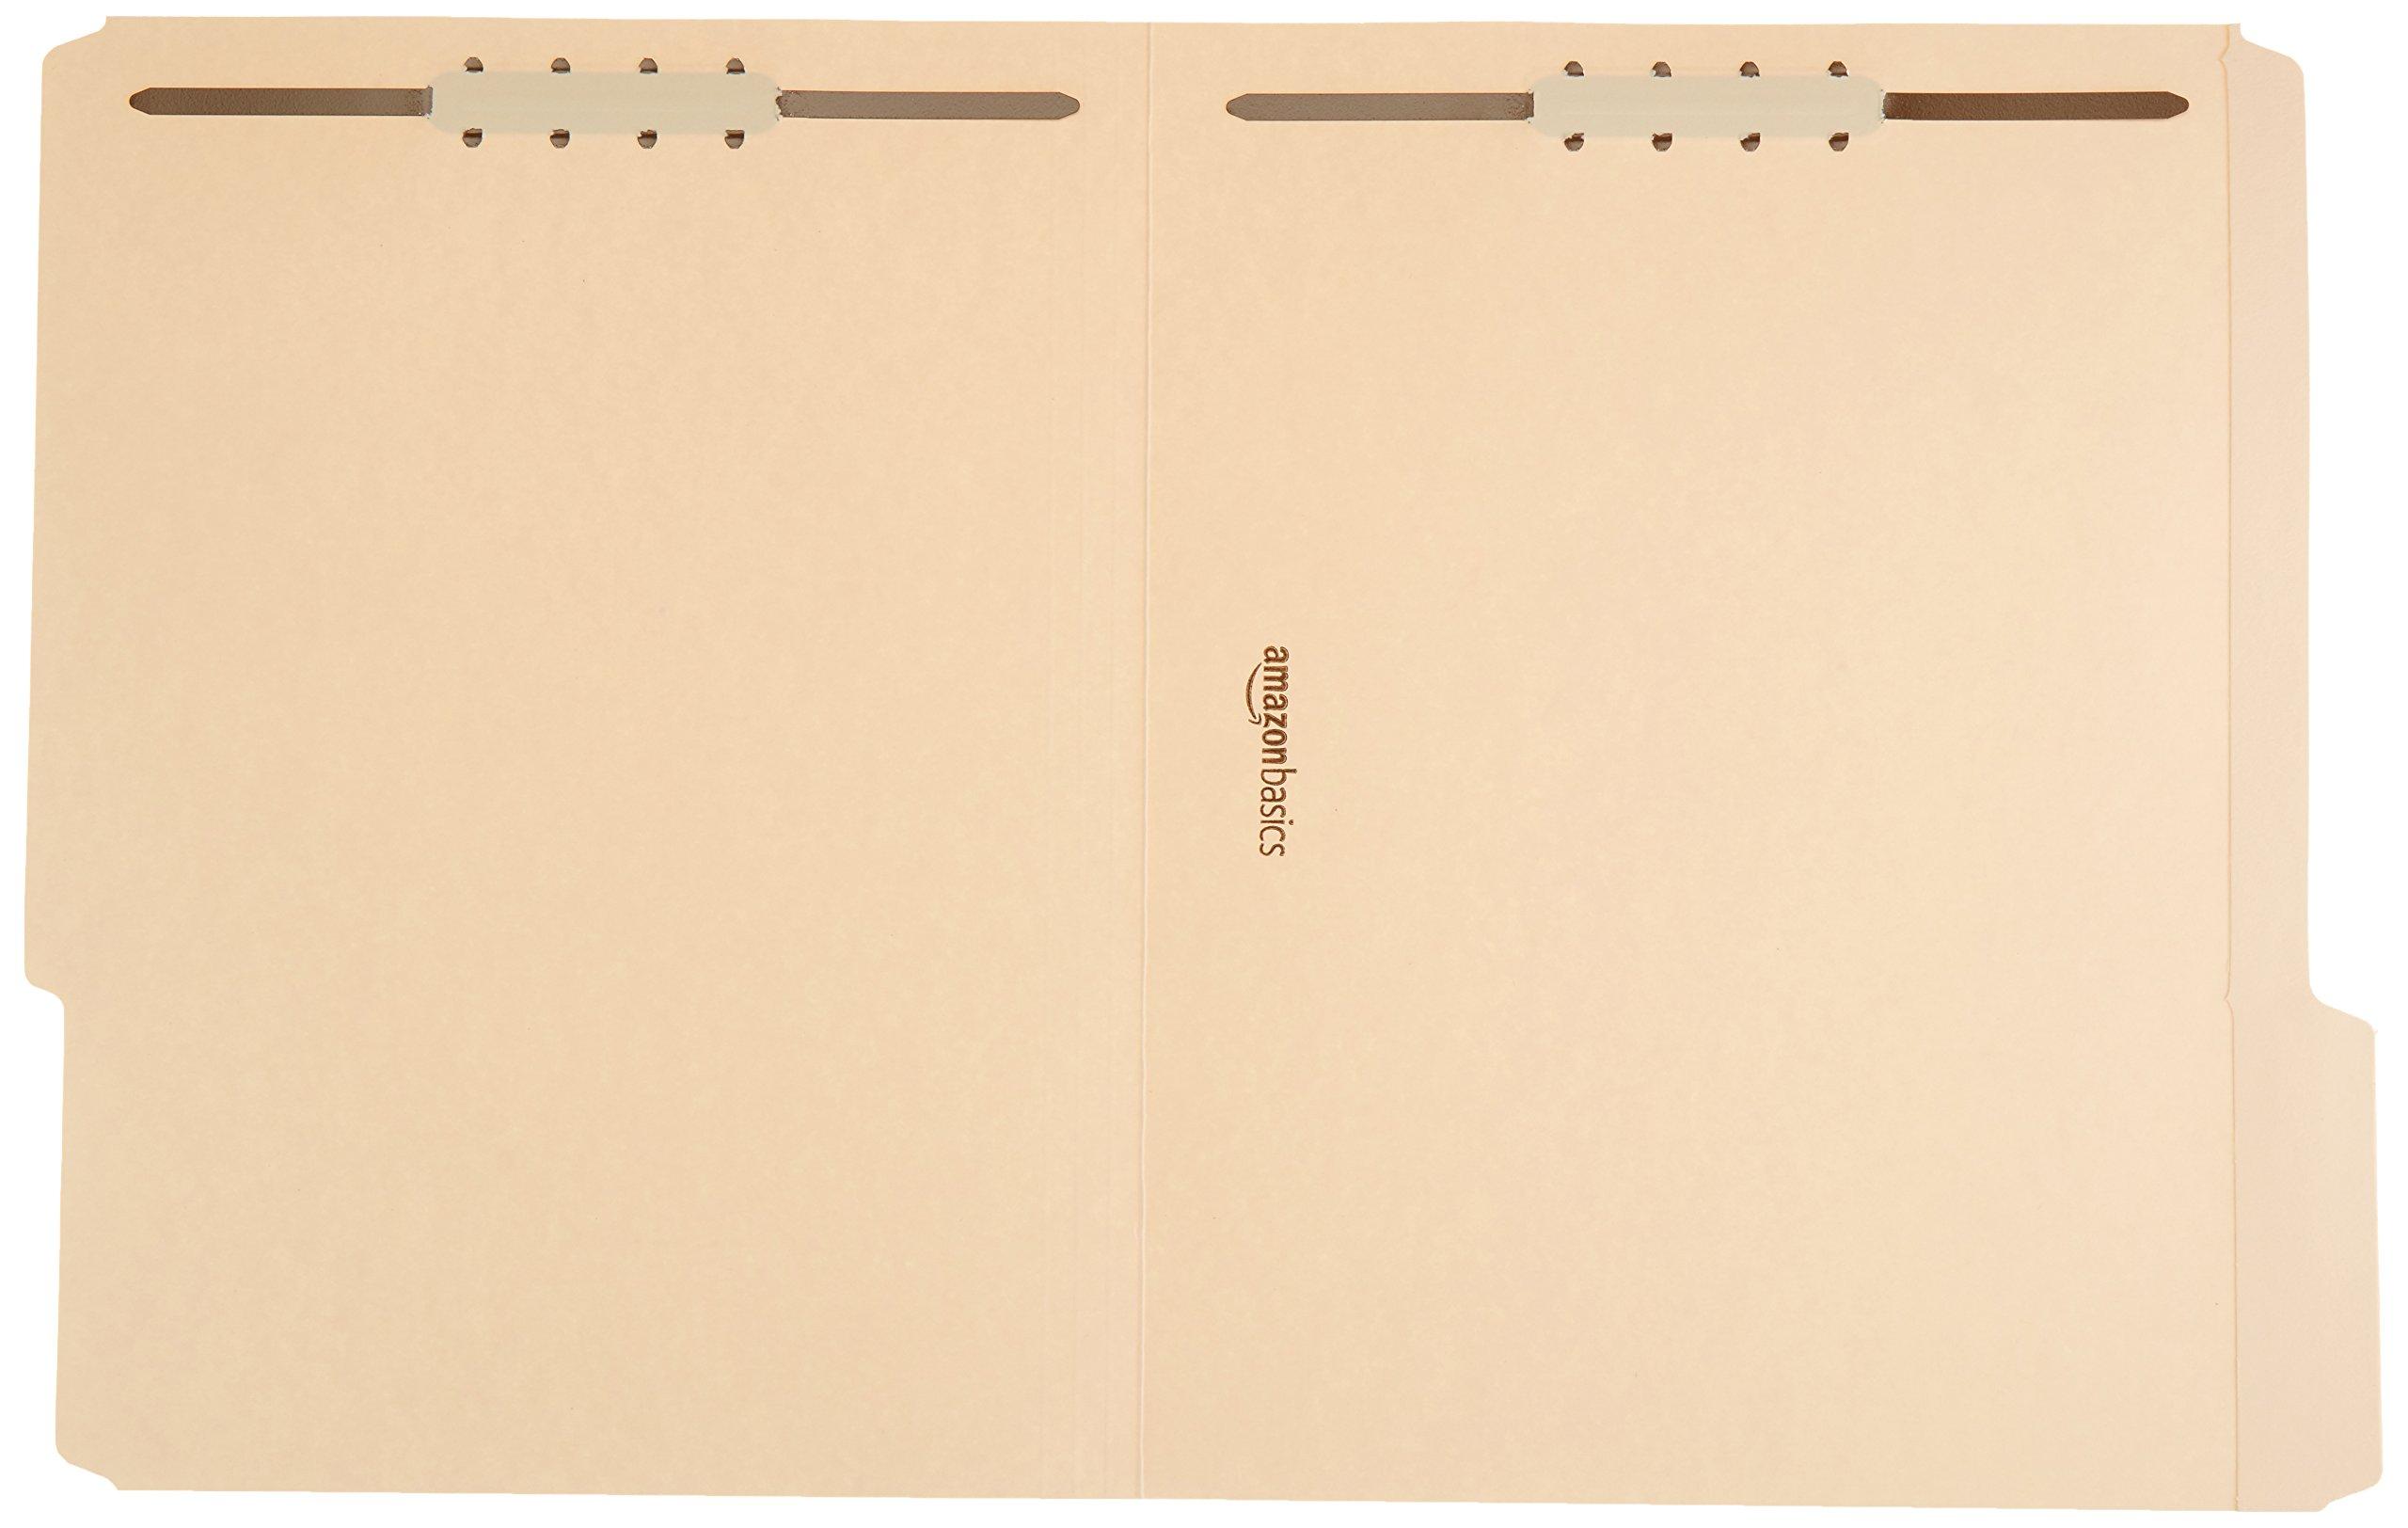 AmazonBasics Manila File Folders with Fasteners - Letter Size, 100-Pack by AmazonBasics (Image #2)